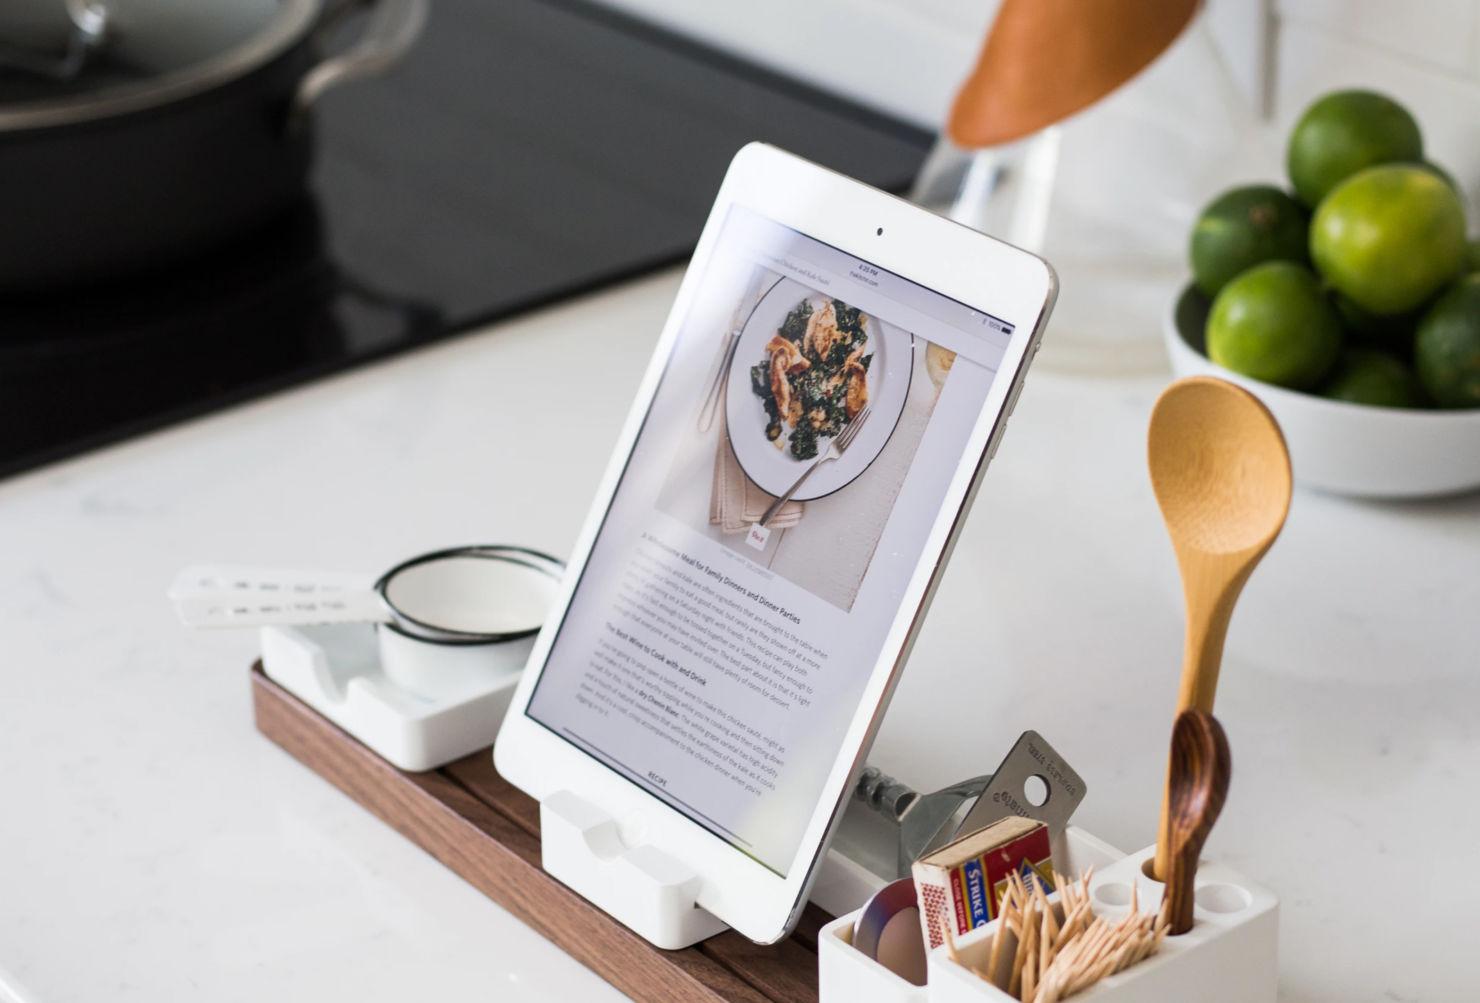 ¡Aprende de los mejores! Estos chefs mexicanos tienen clases online para que aprendas a cocinar